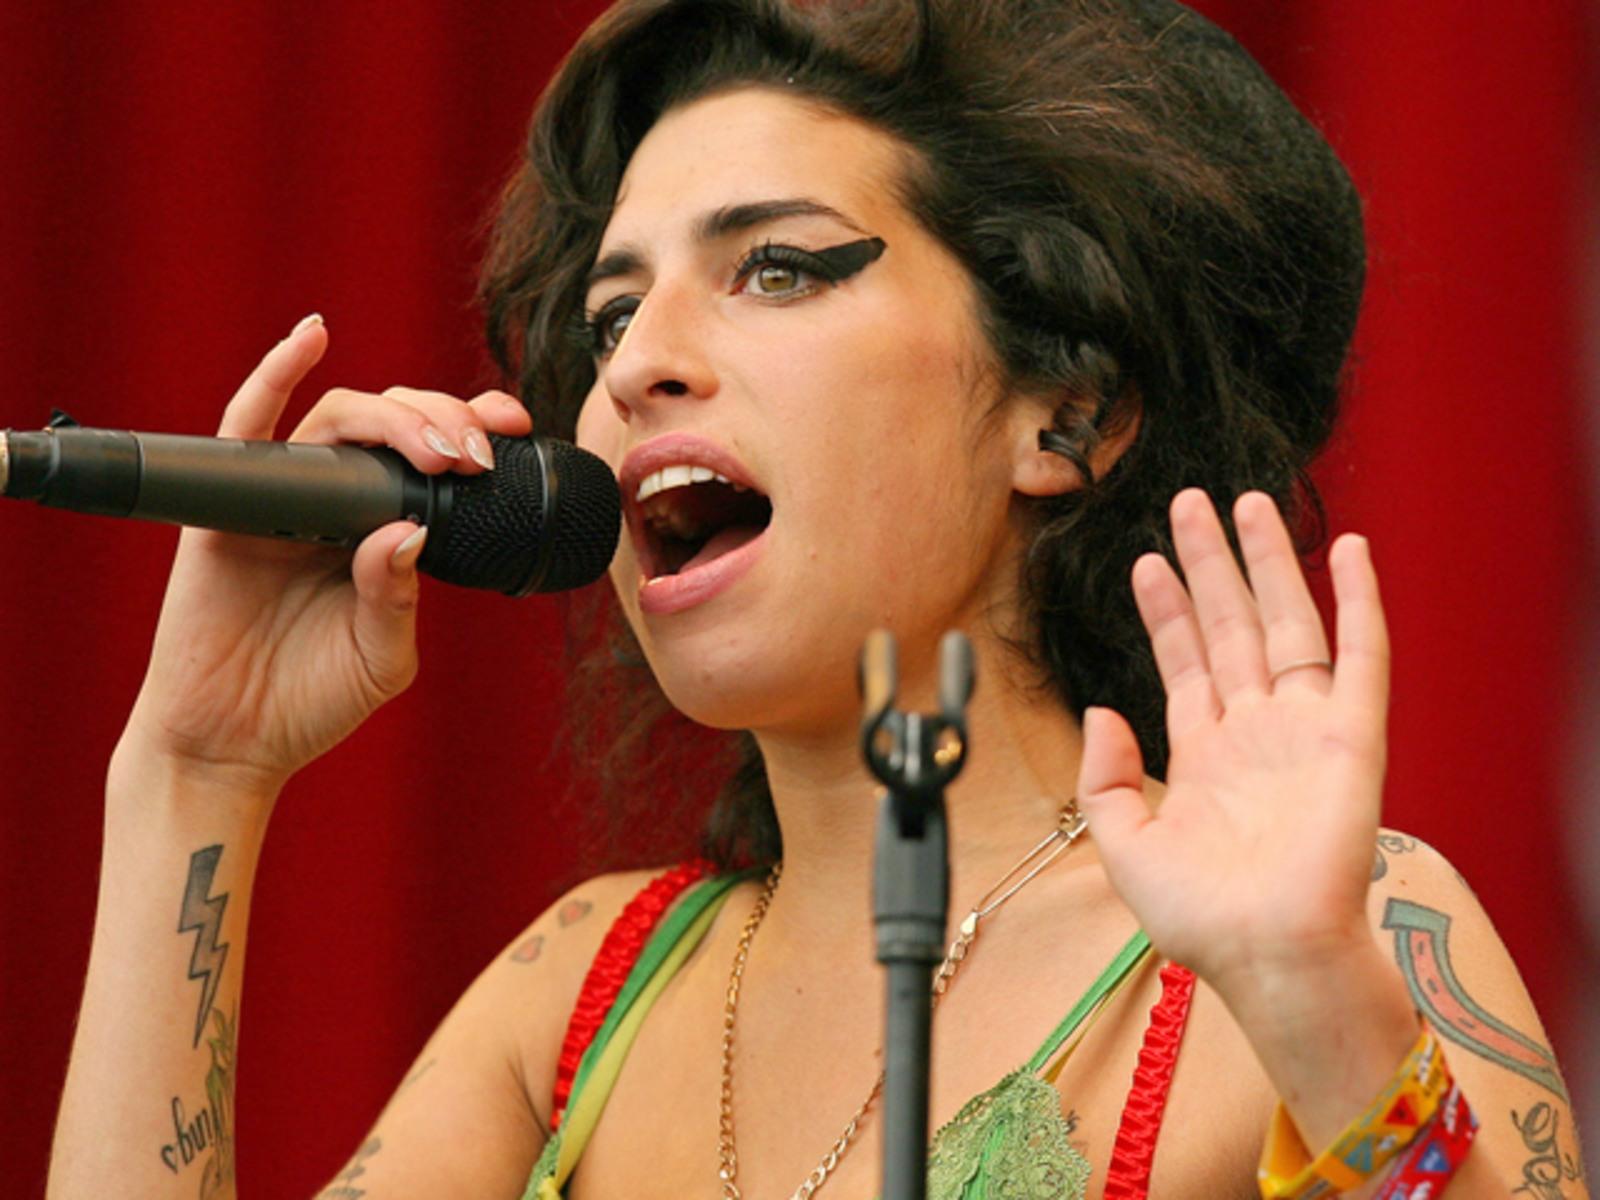 Image: Amy Winehouse